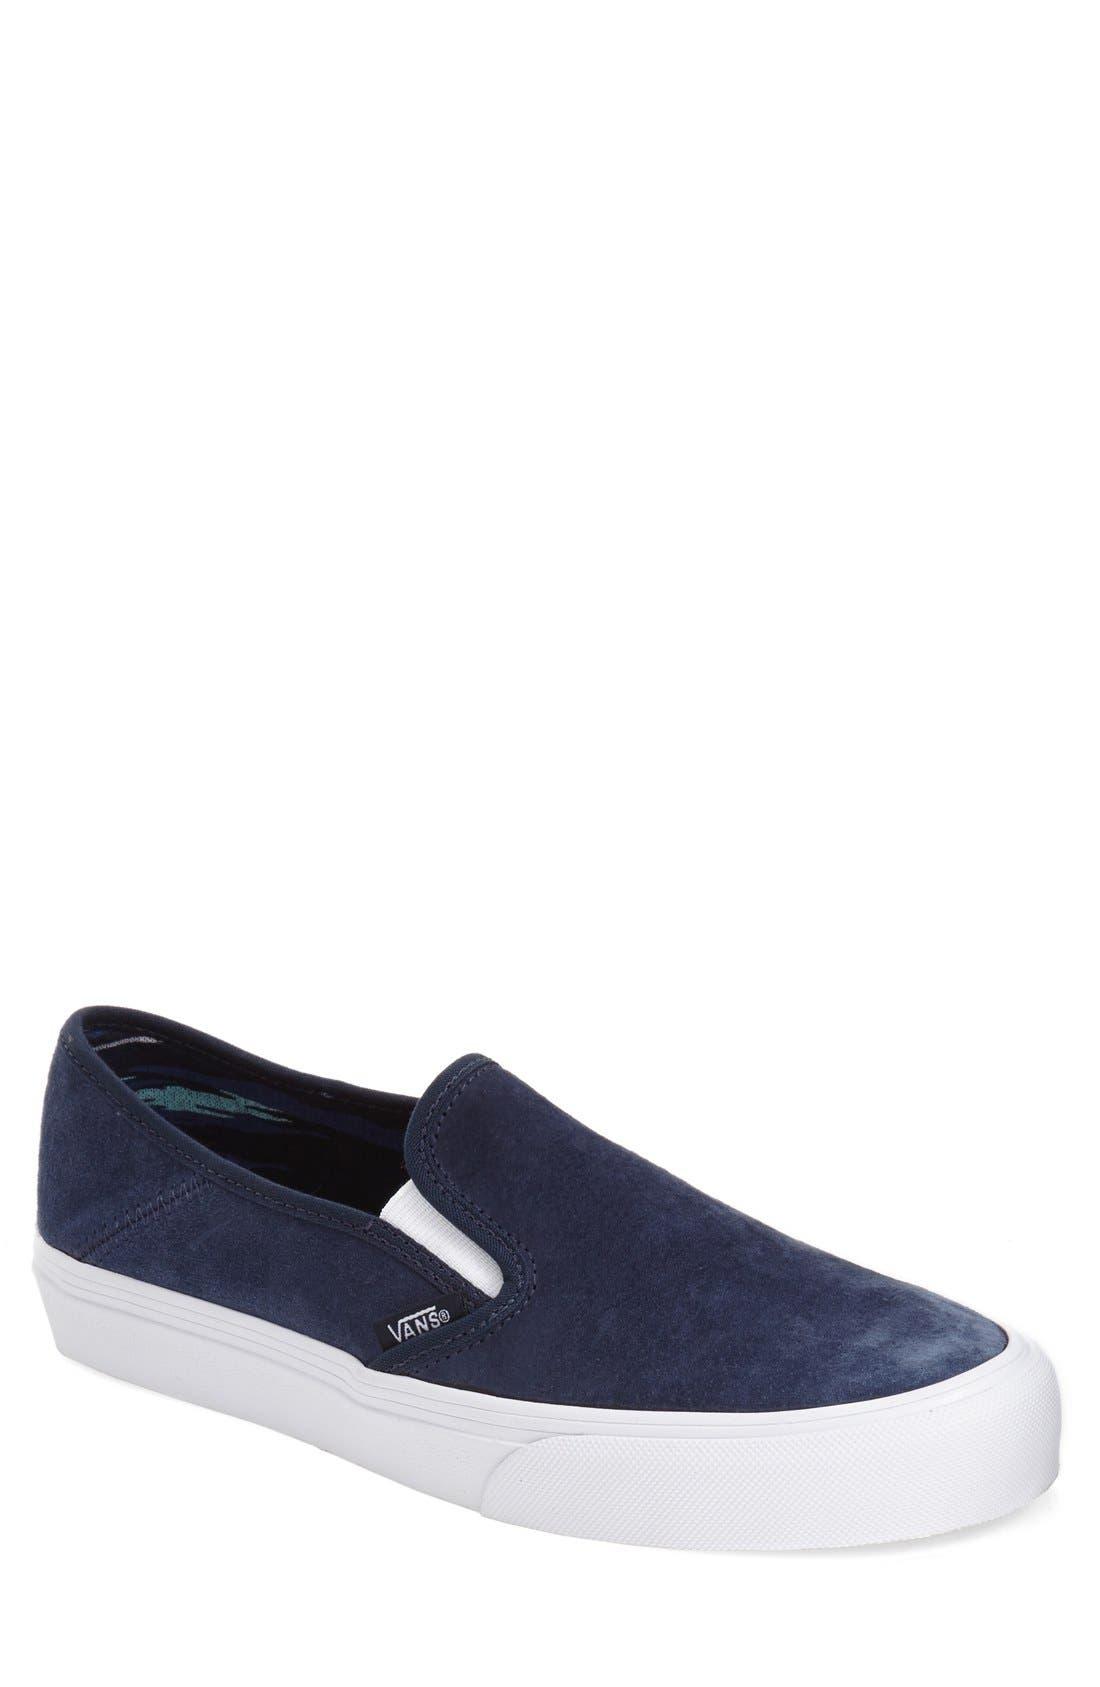 Main Image - Vans SF Slip-On Sneaker (Women)